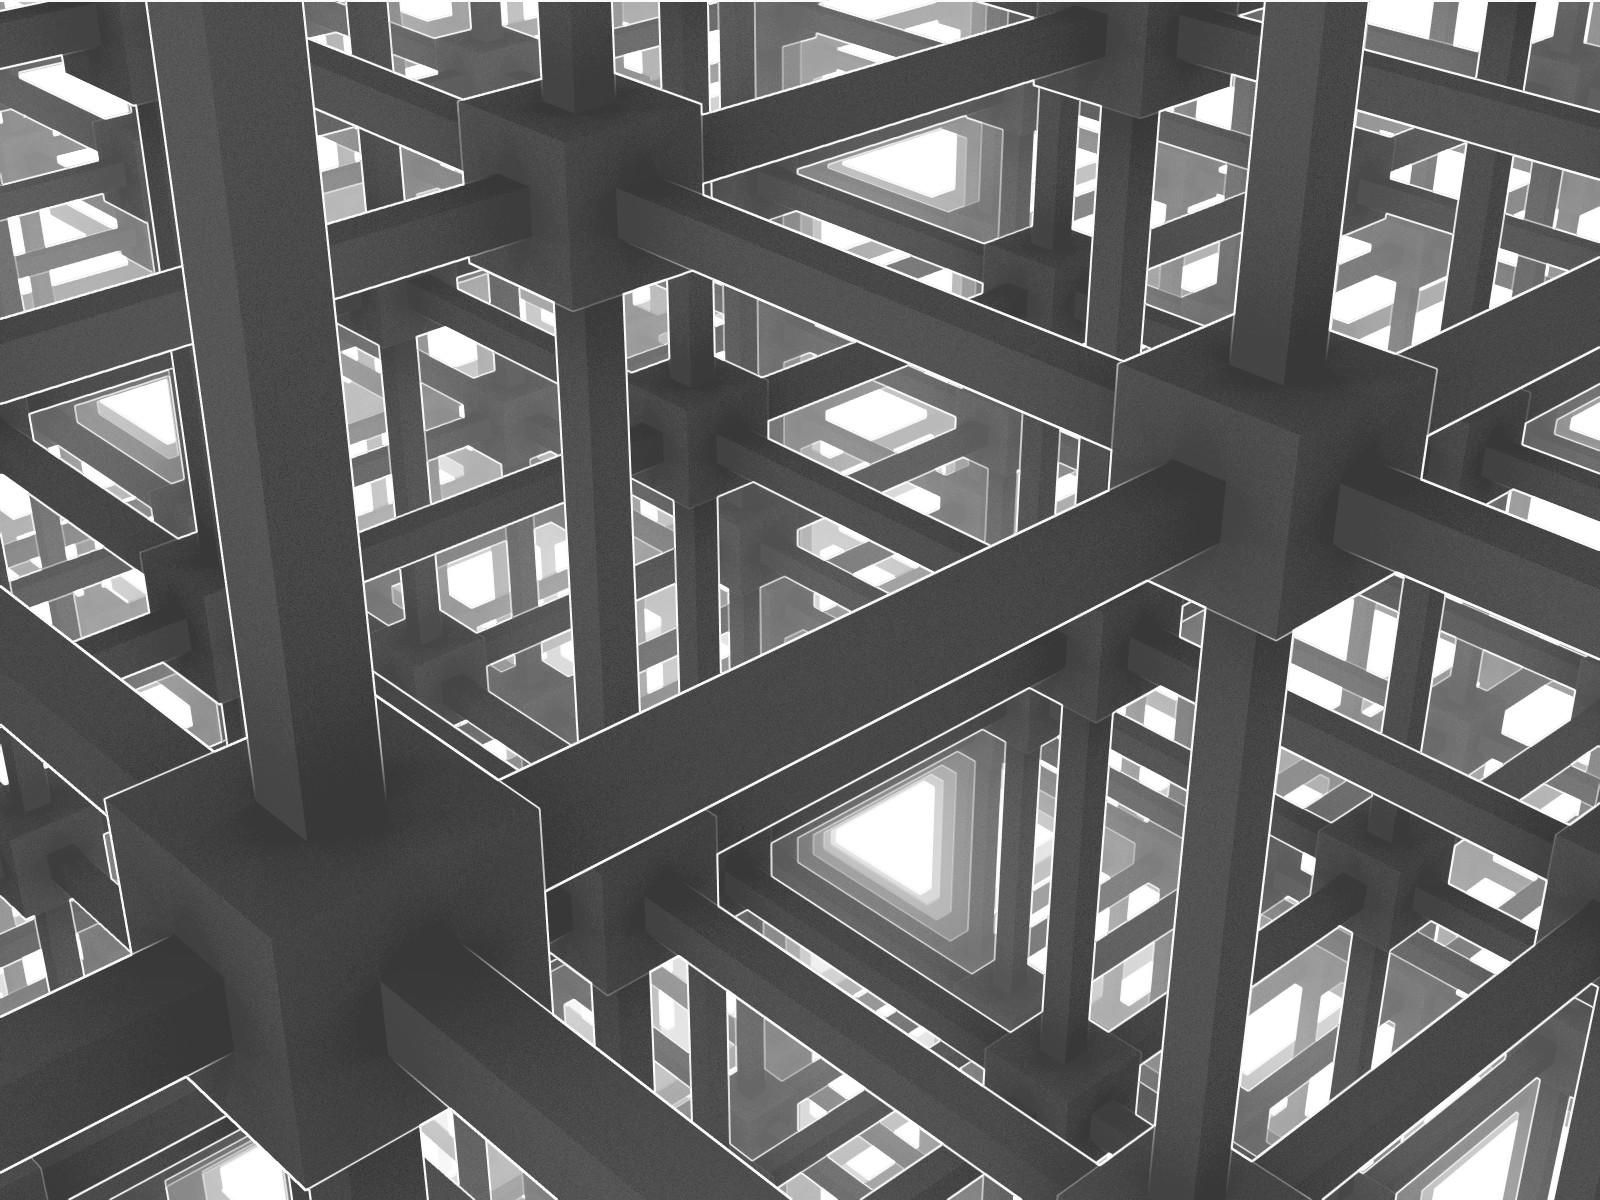 M C Escher Wallpaper - WallpaperSafari